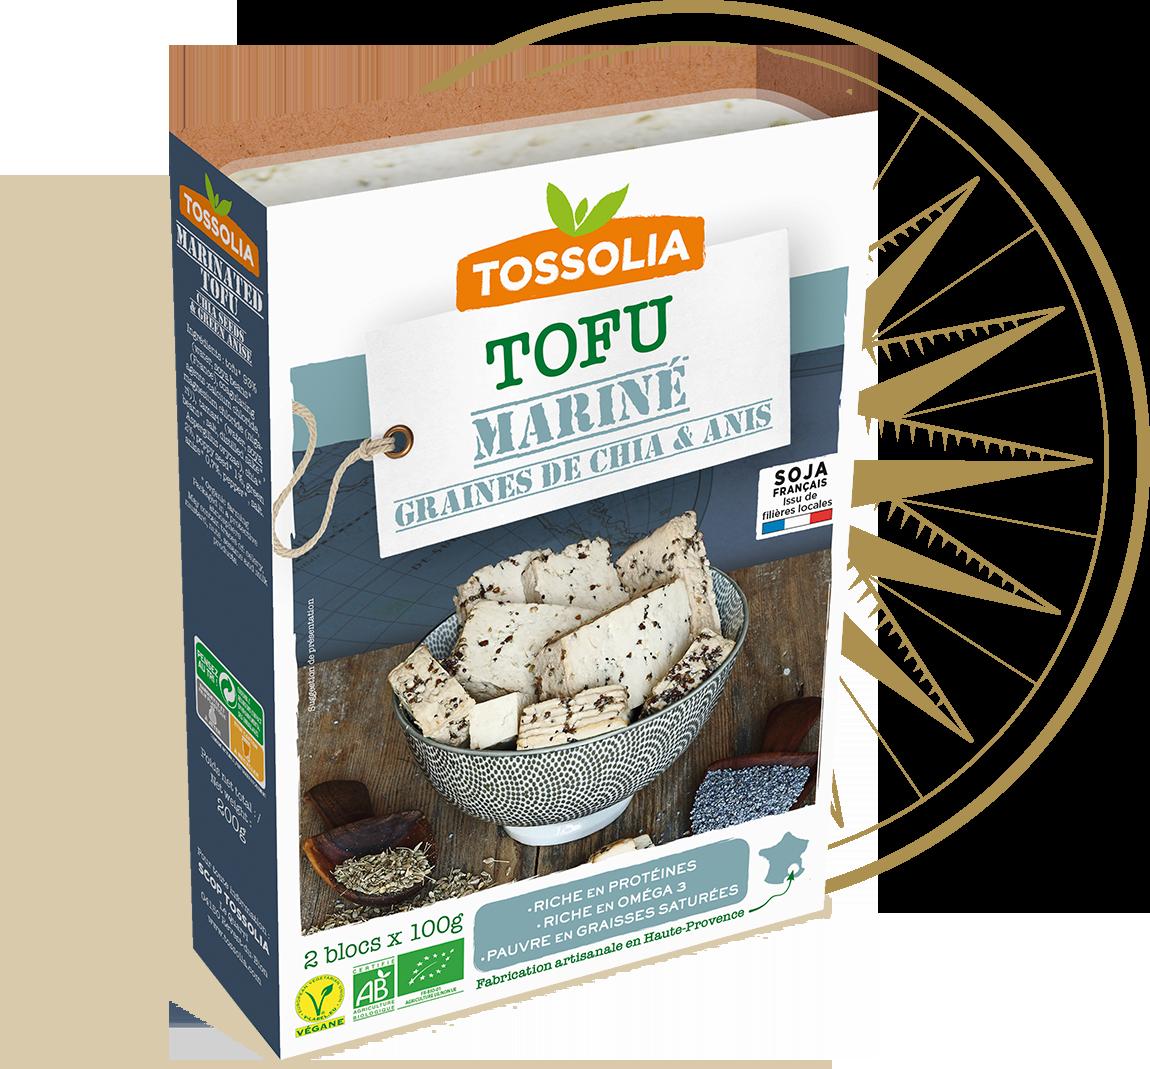 Tofu mariné graines de chia & anis